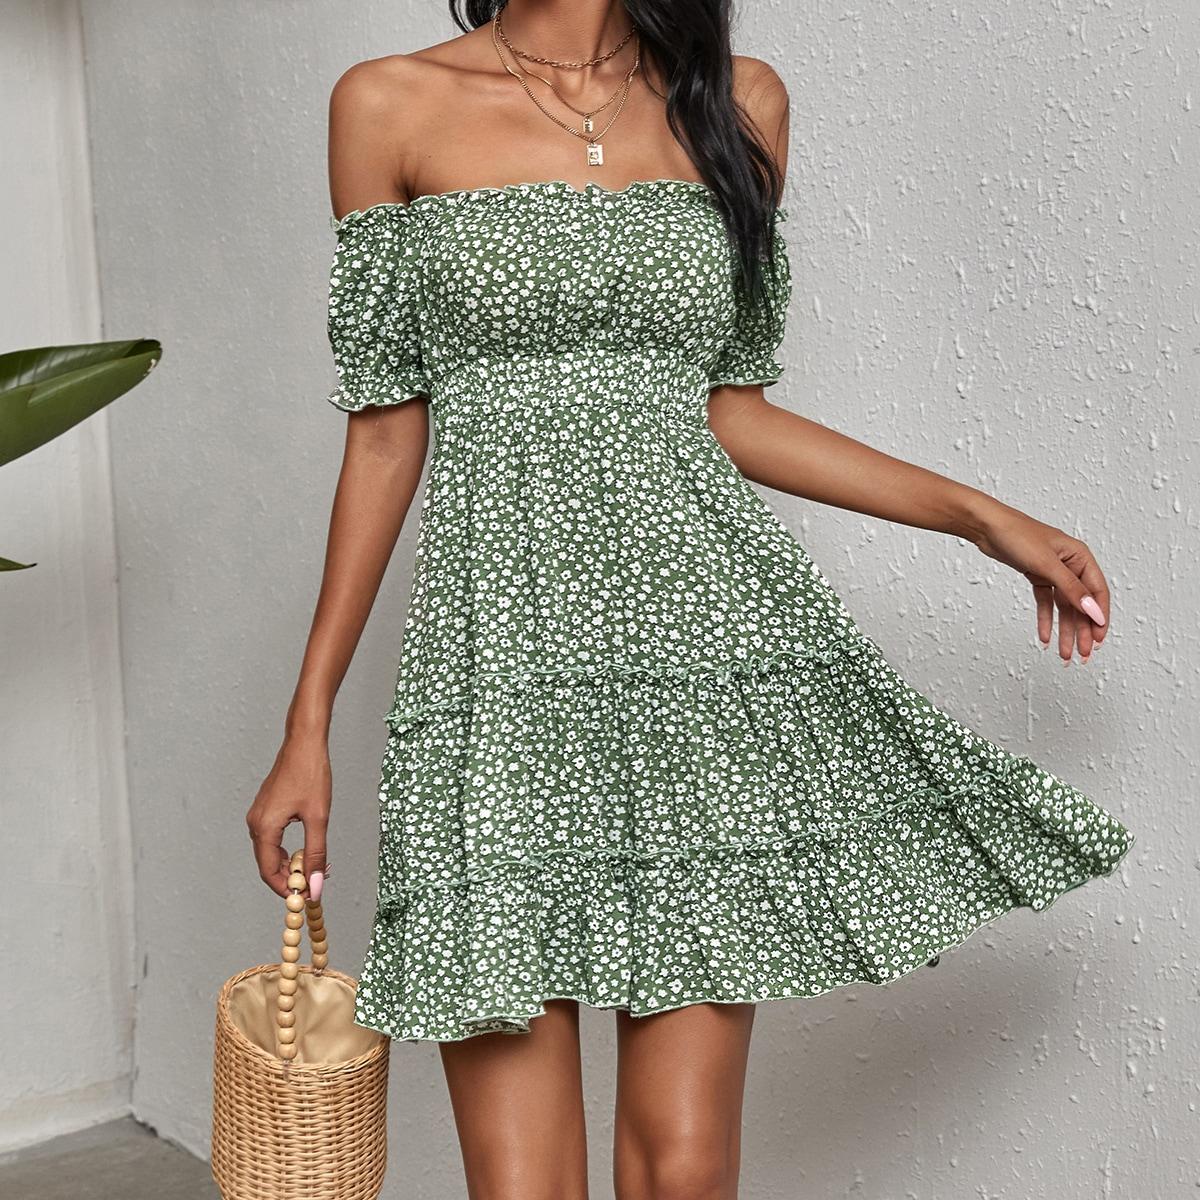 Ditsy Floral Layered Frill Bardot Dress